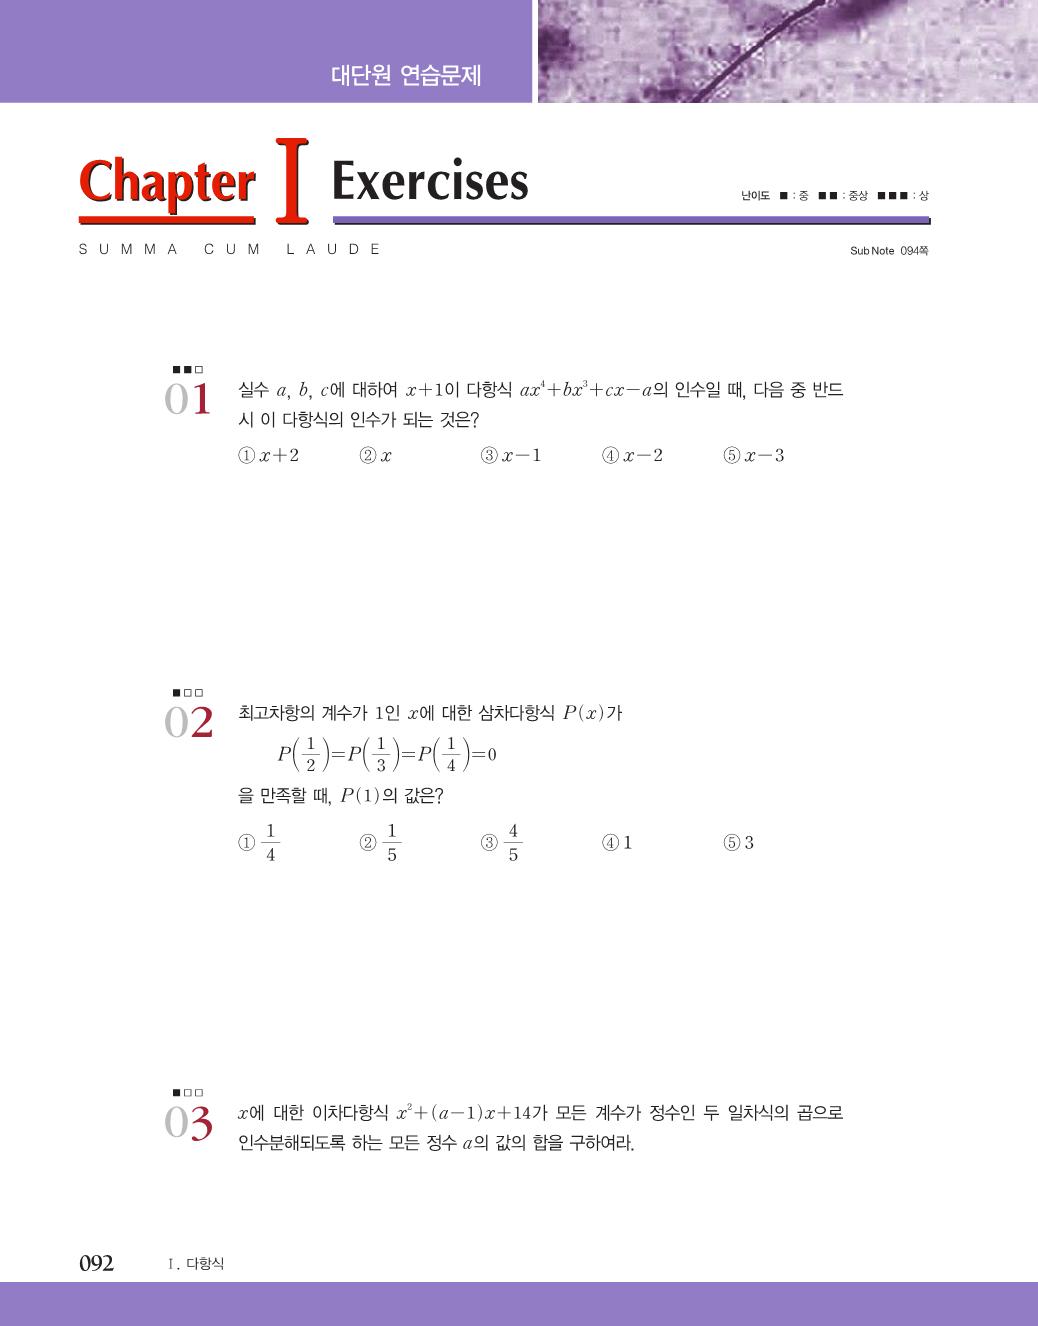 숨마쿰라우데 기본개념서 고등수학(상)_optimize24.png